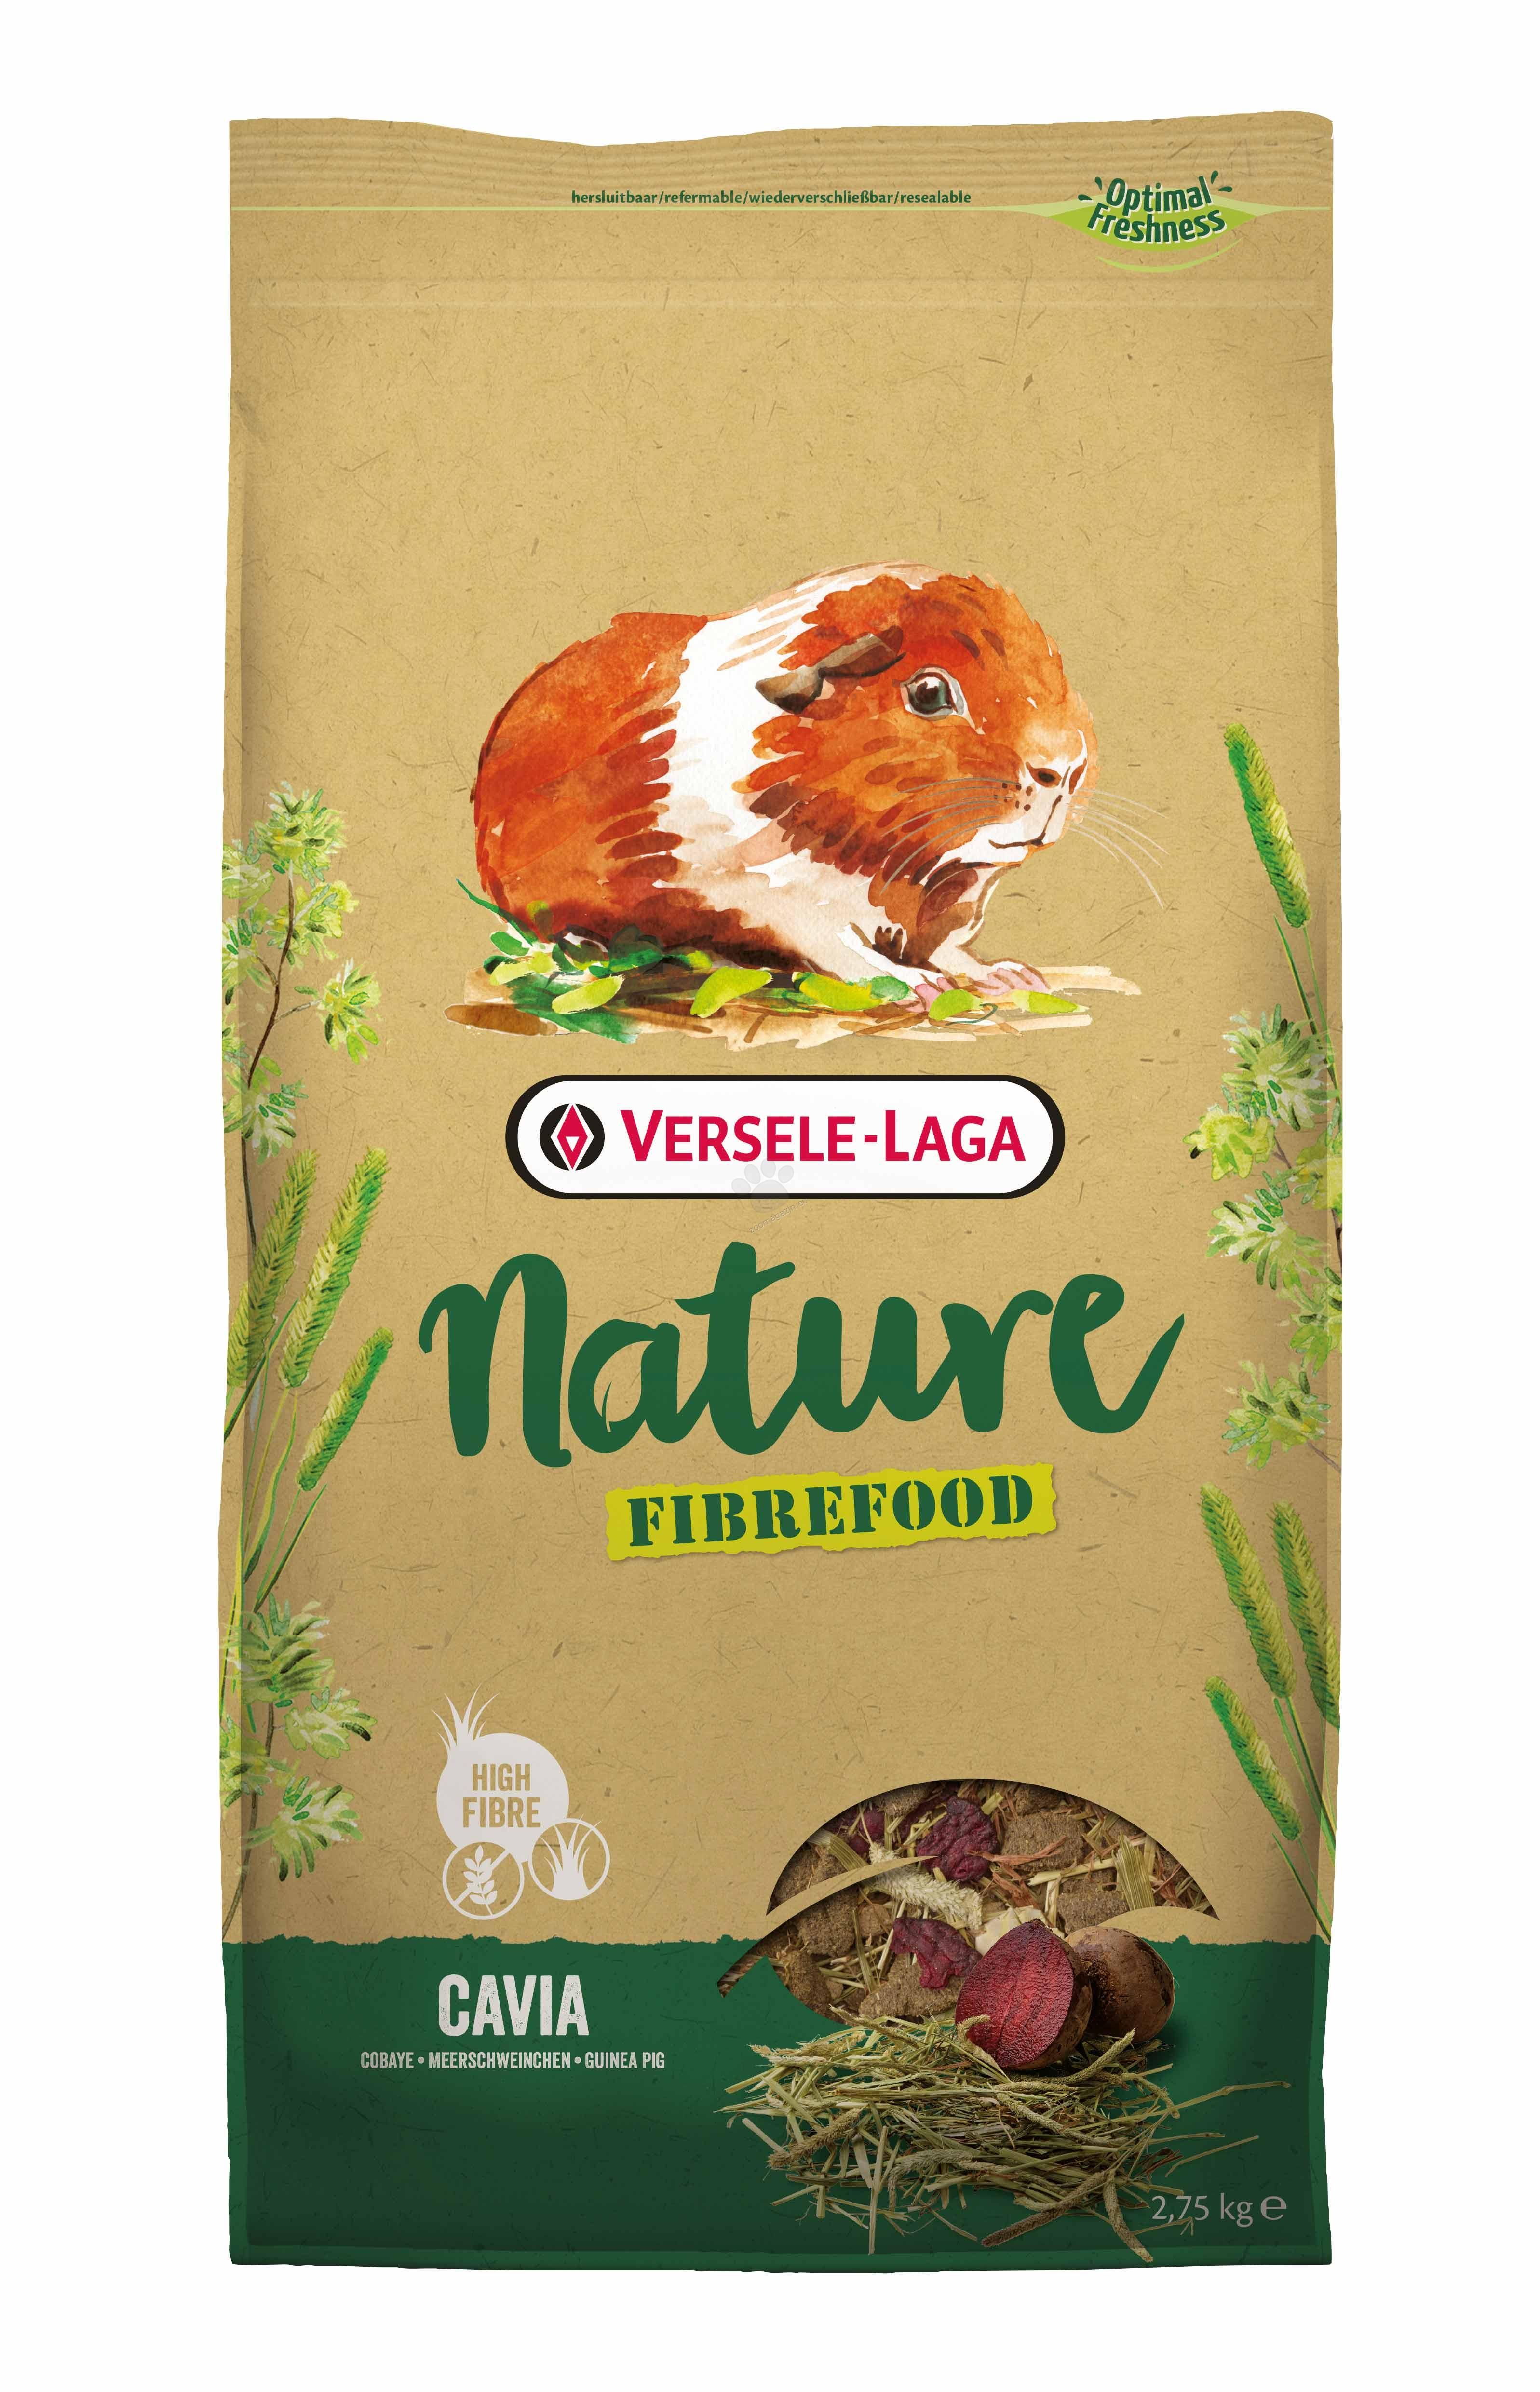 Versele Laga - Fiberfood Cavia - пълноценна храна за за морски свинчета - възрастни, капризни и живеещи у дома 2.75 кг.